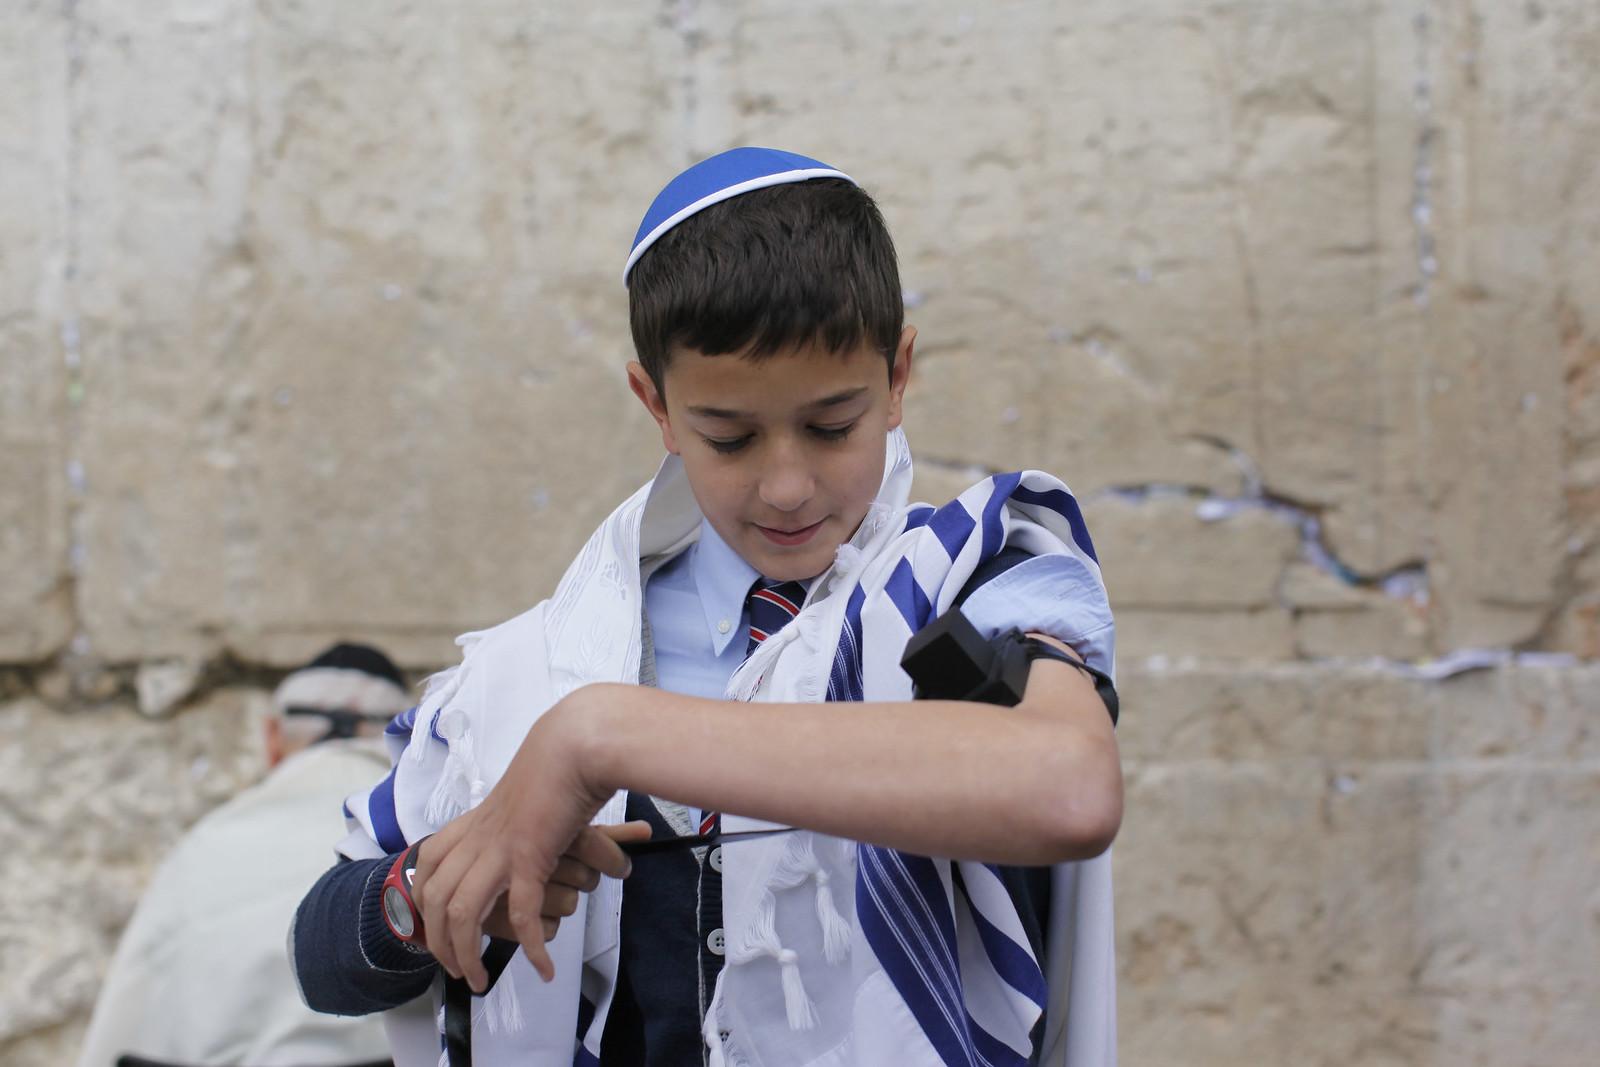 Bar Mitzvah 4 Jerusalem_9593_Yonatan Sindel_Flash 90_IMOT